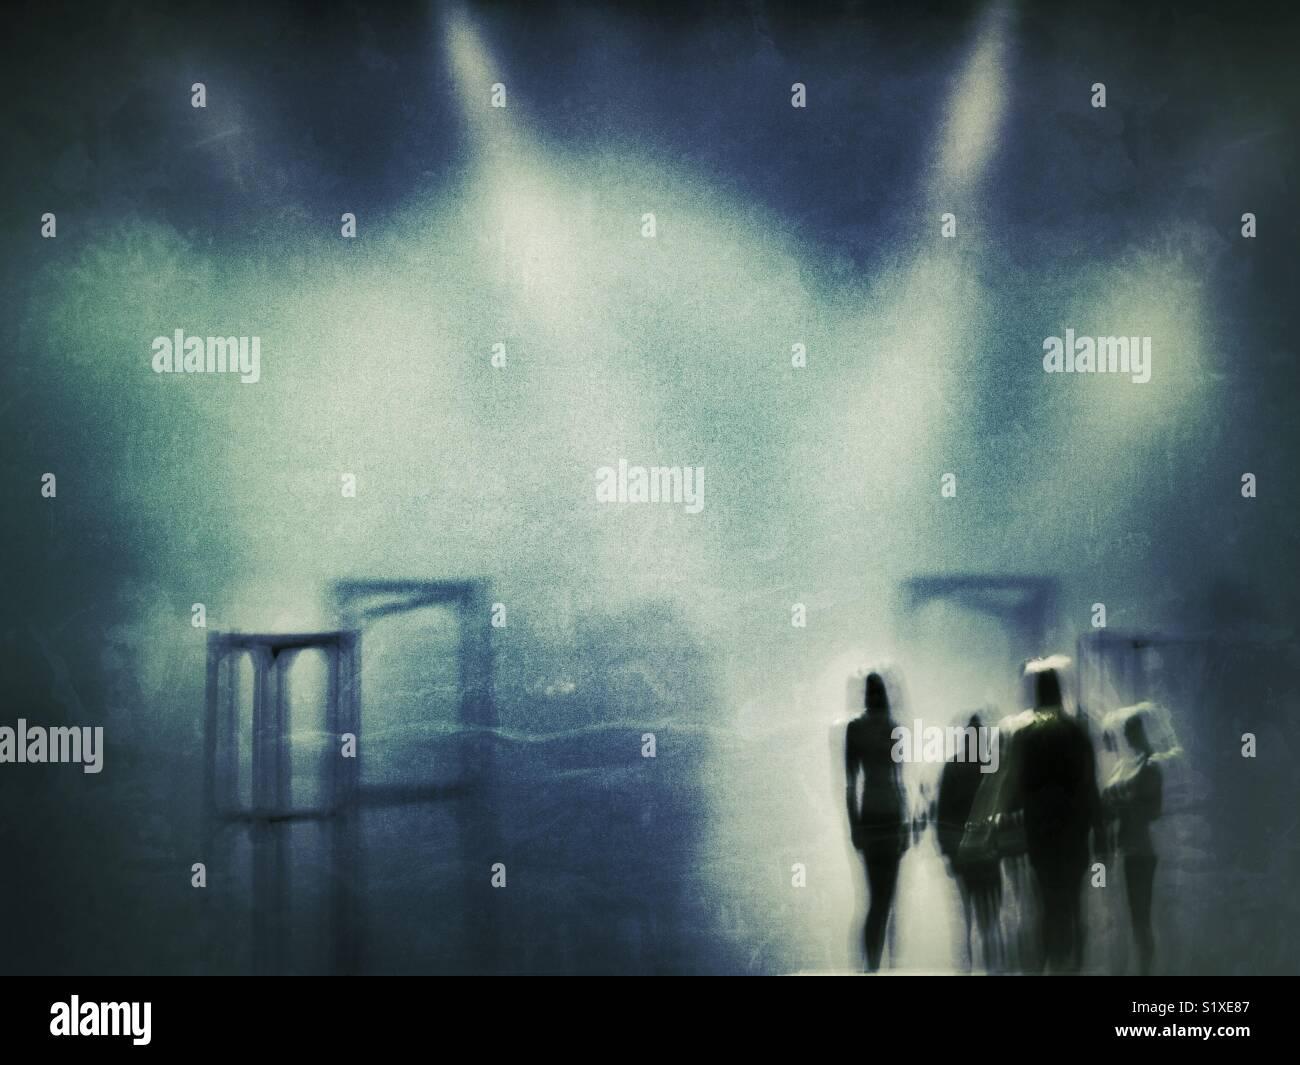 Danseurs sur scène Photo Stock